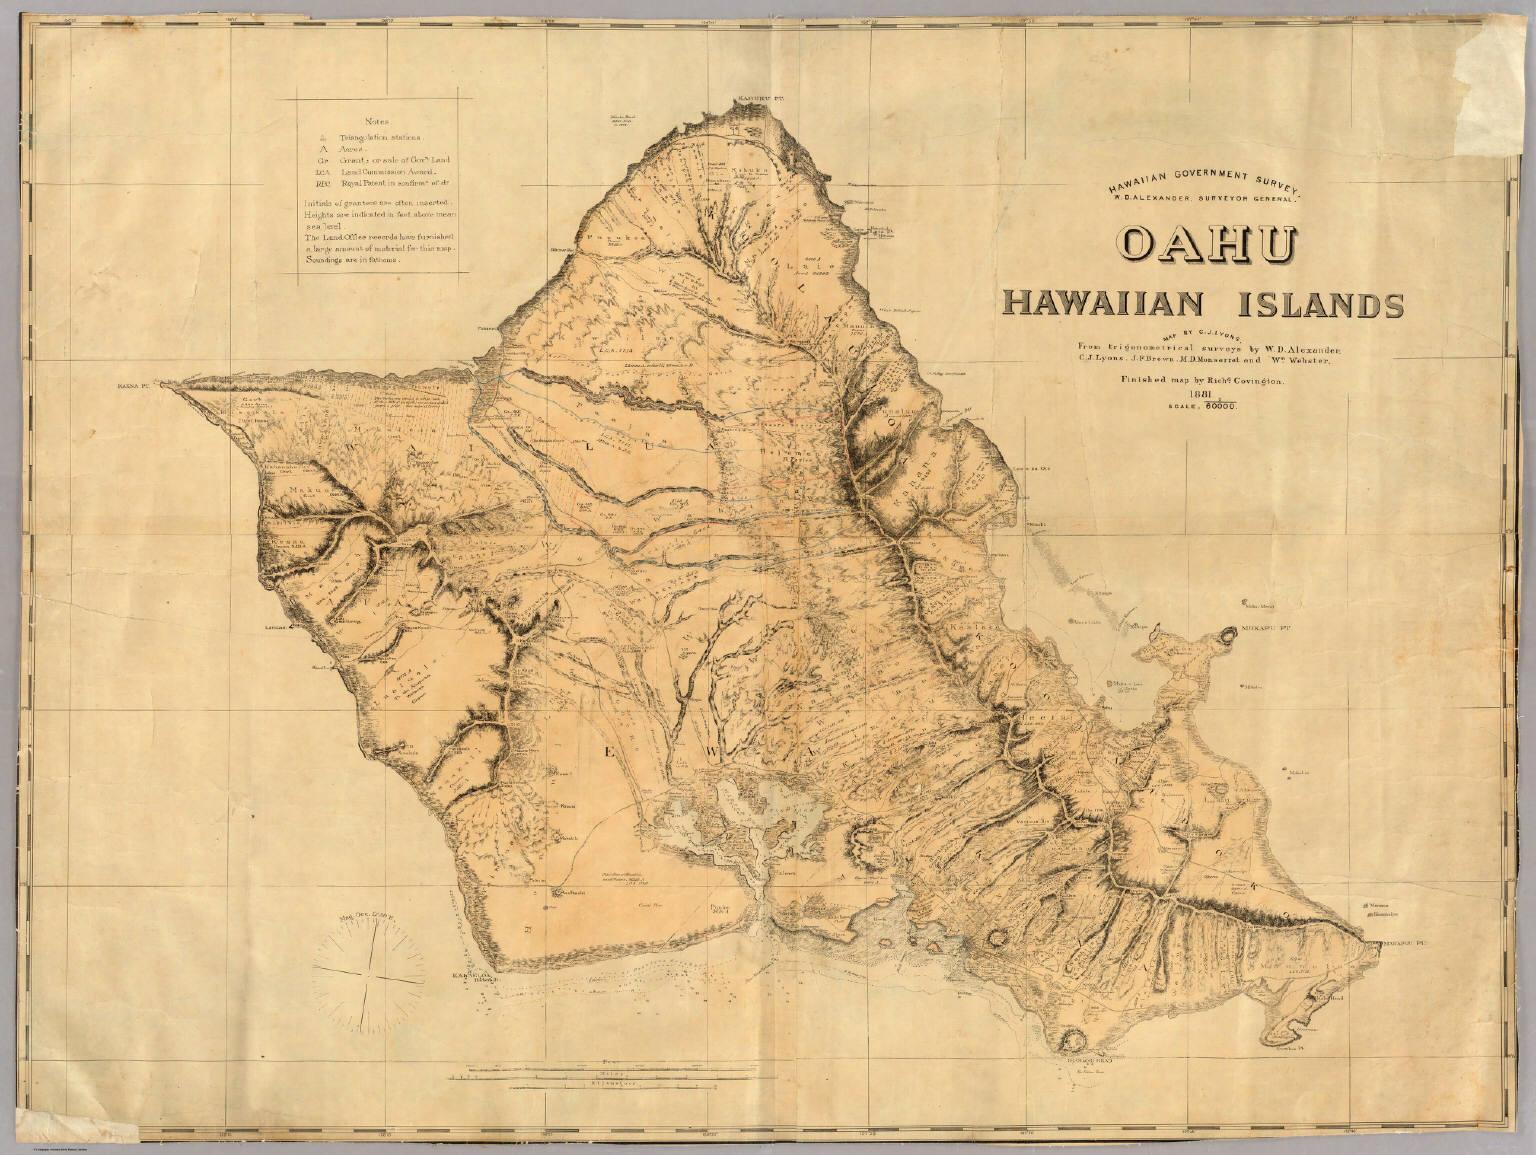 Oahu Hawaiian Islands David Rumsey Historical Map Collection